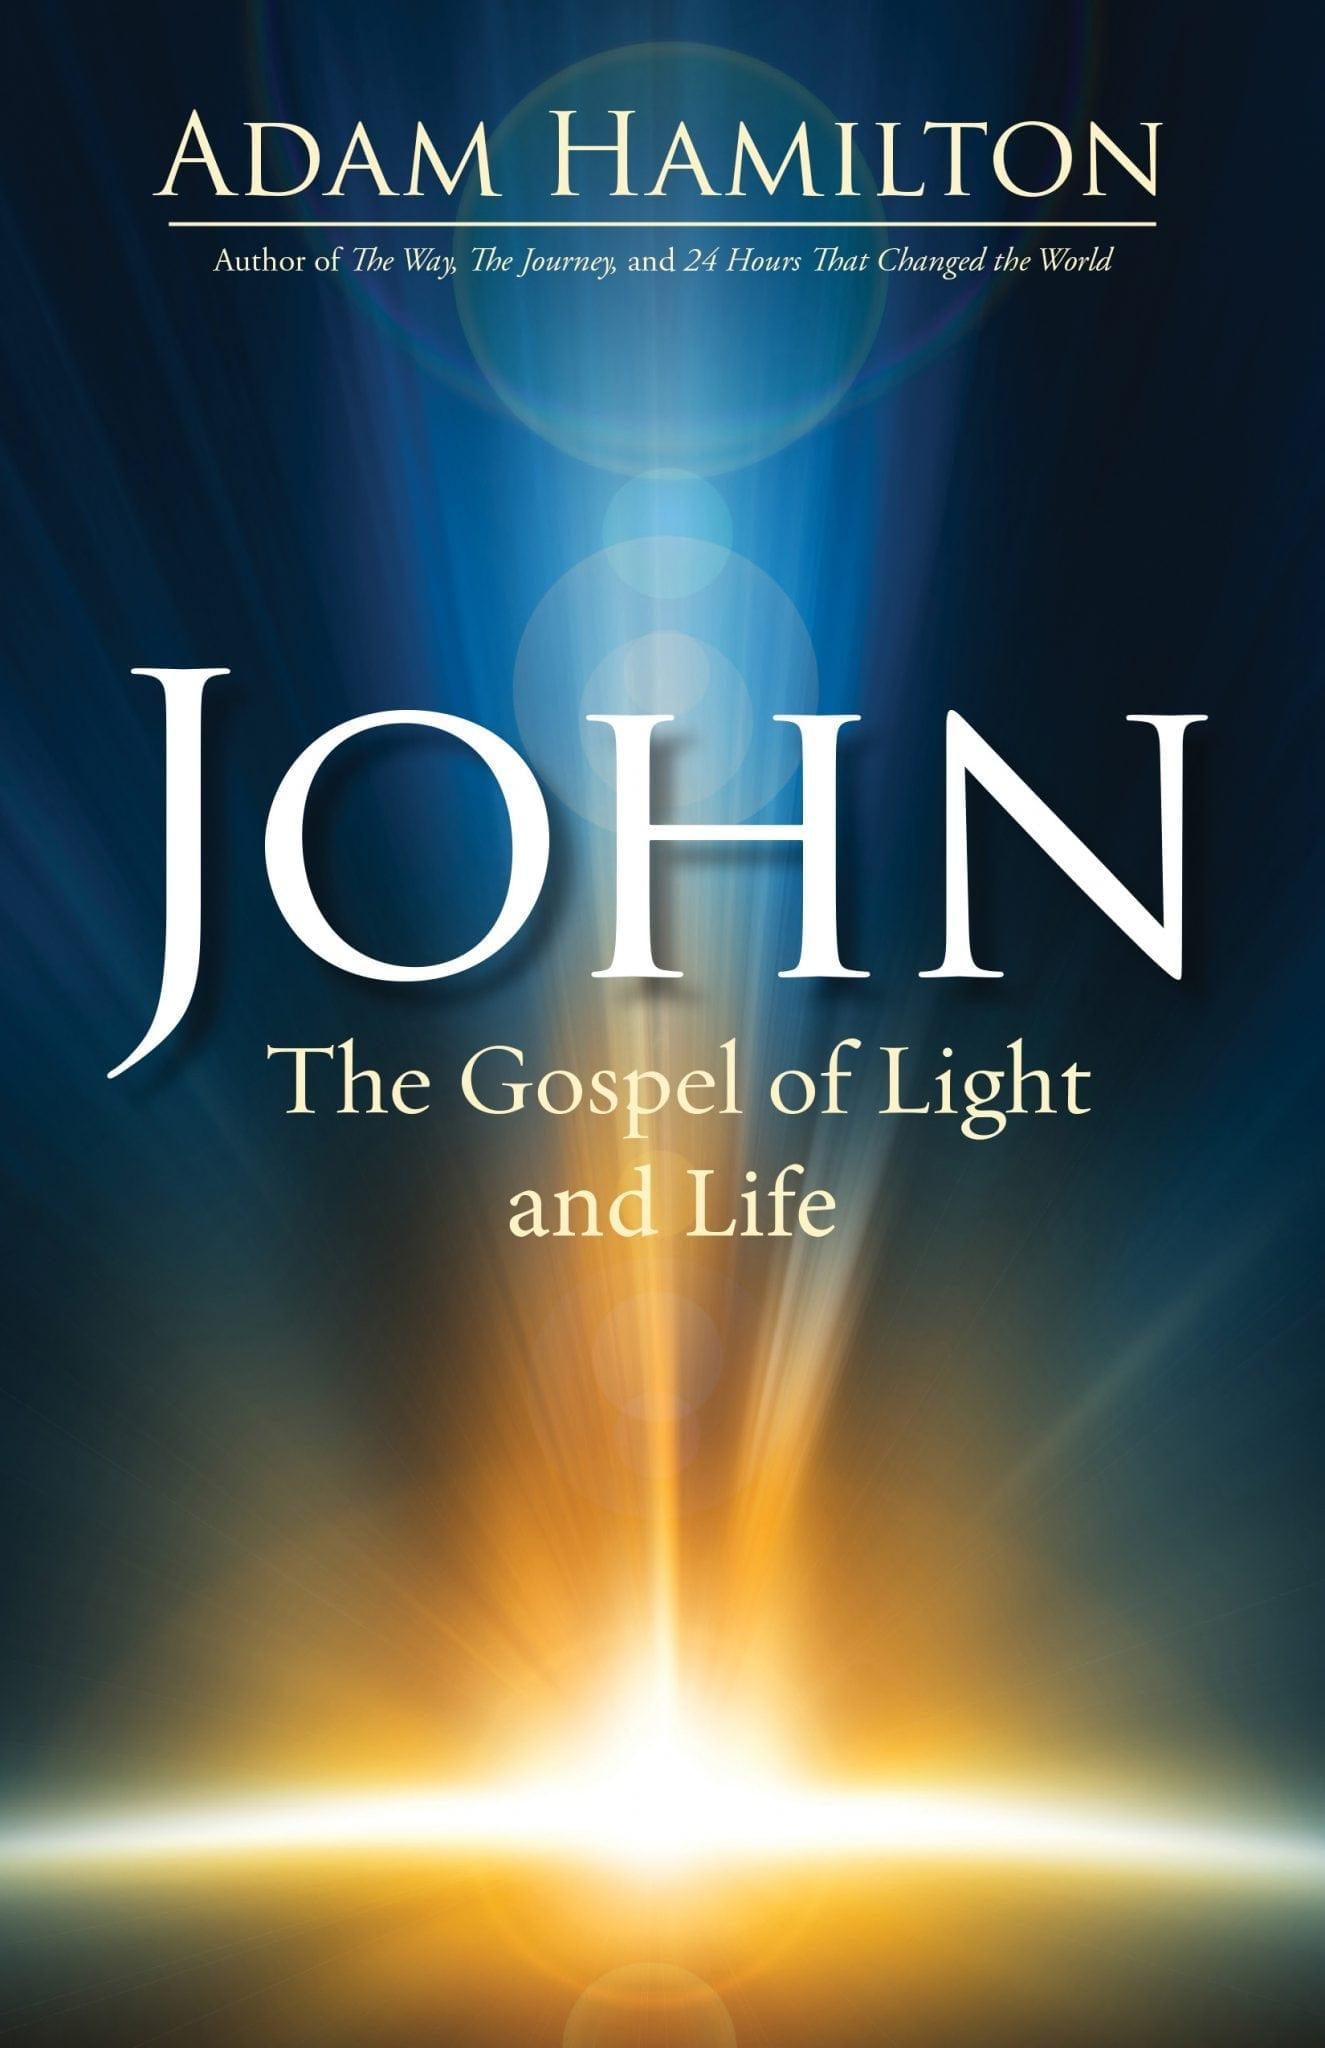 Best Books John-The Gospel of Light and Life_Hamilton March 16 COVER ART